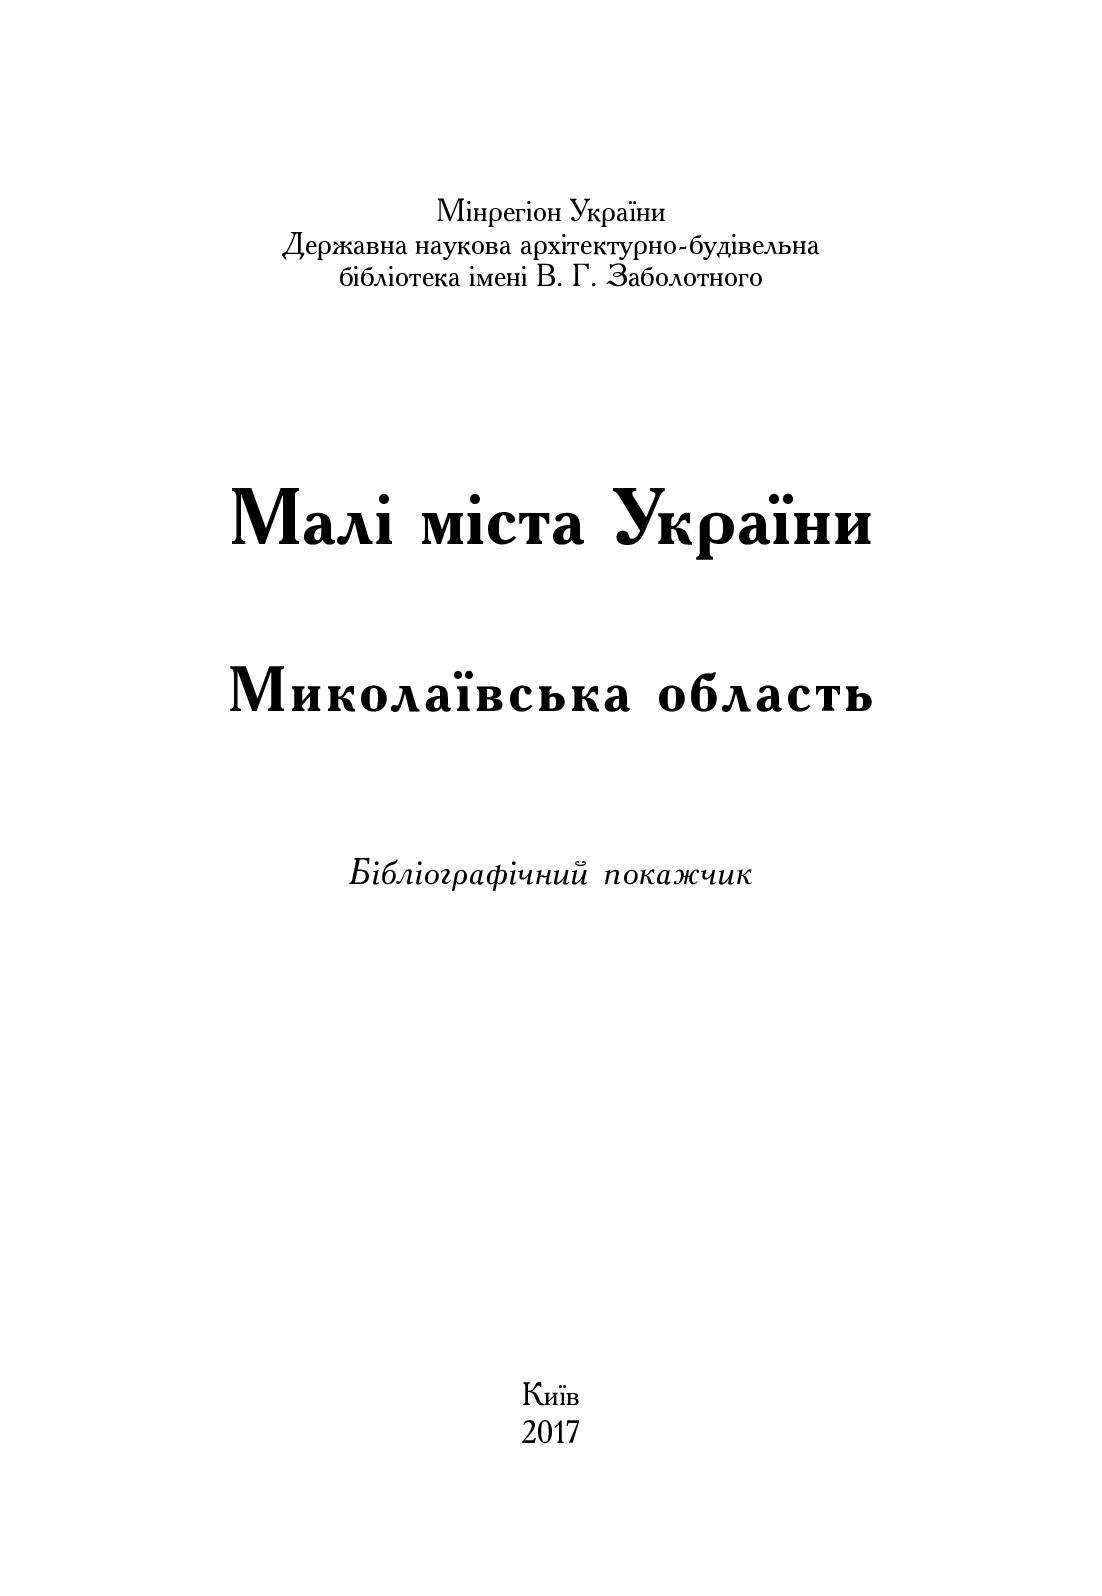 Миколаївська область 20 09 2017